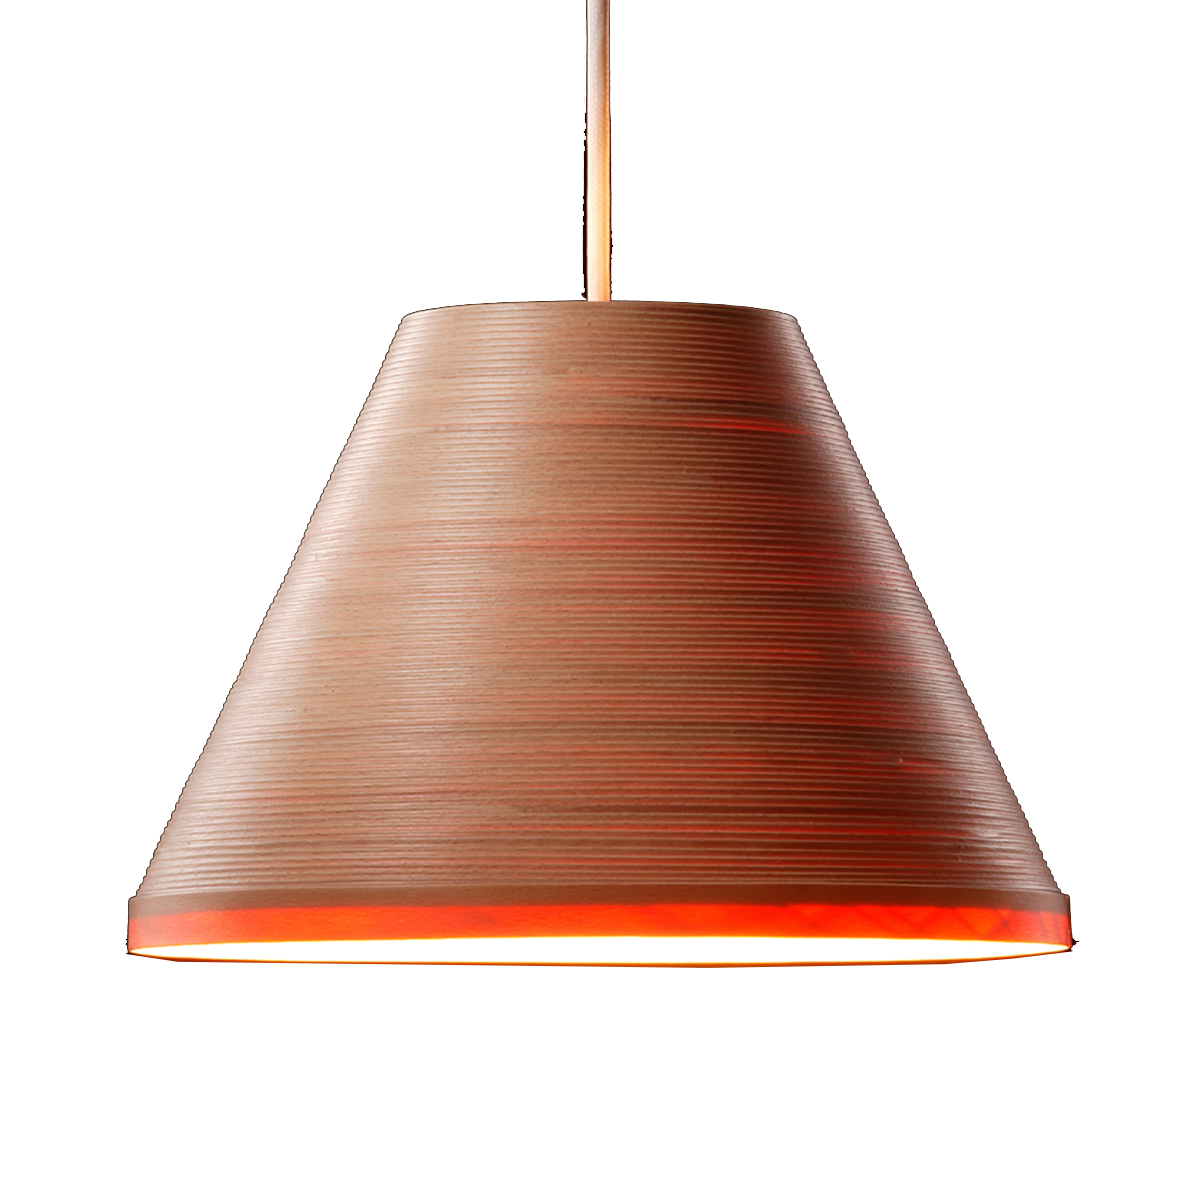 ブナコ PENDANT LAMP BL-P421 /マルゲリータ